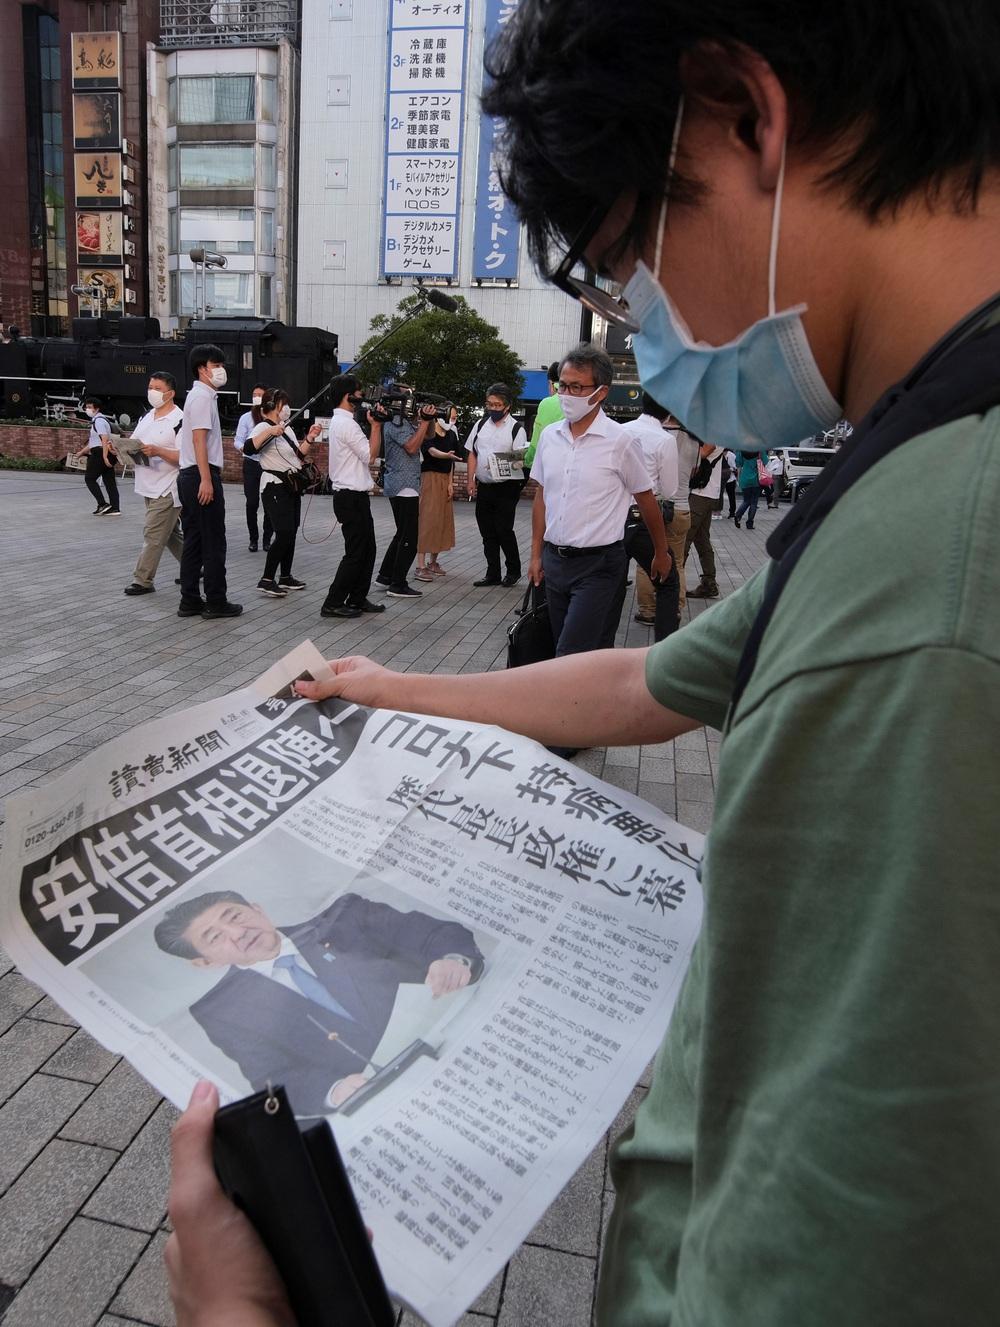 Thủ tướng Nhật Bản Abe Shinzo từ chức - Di sản của ông để lại là gì? - Ảnh 6.